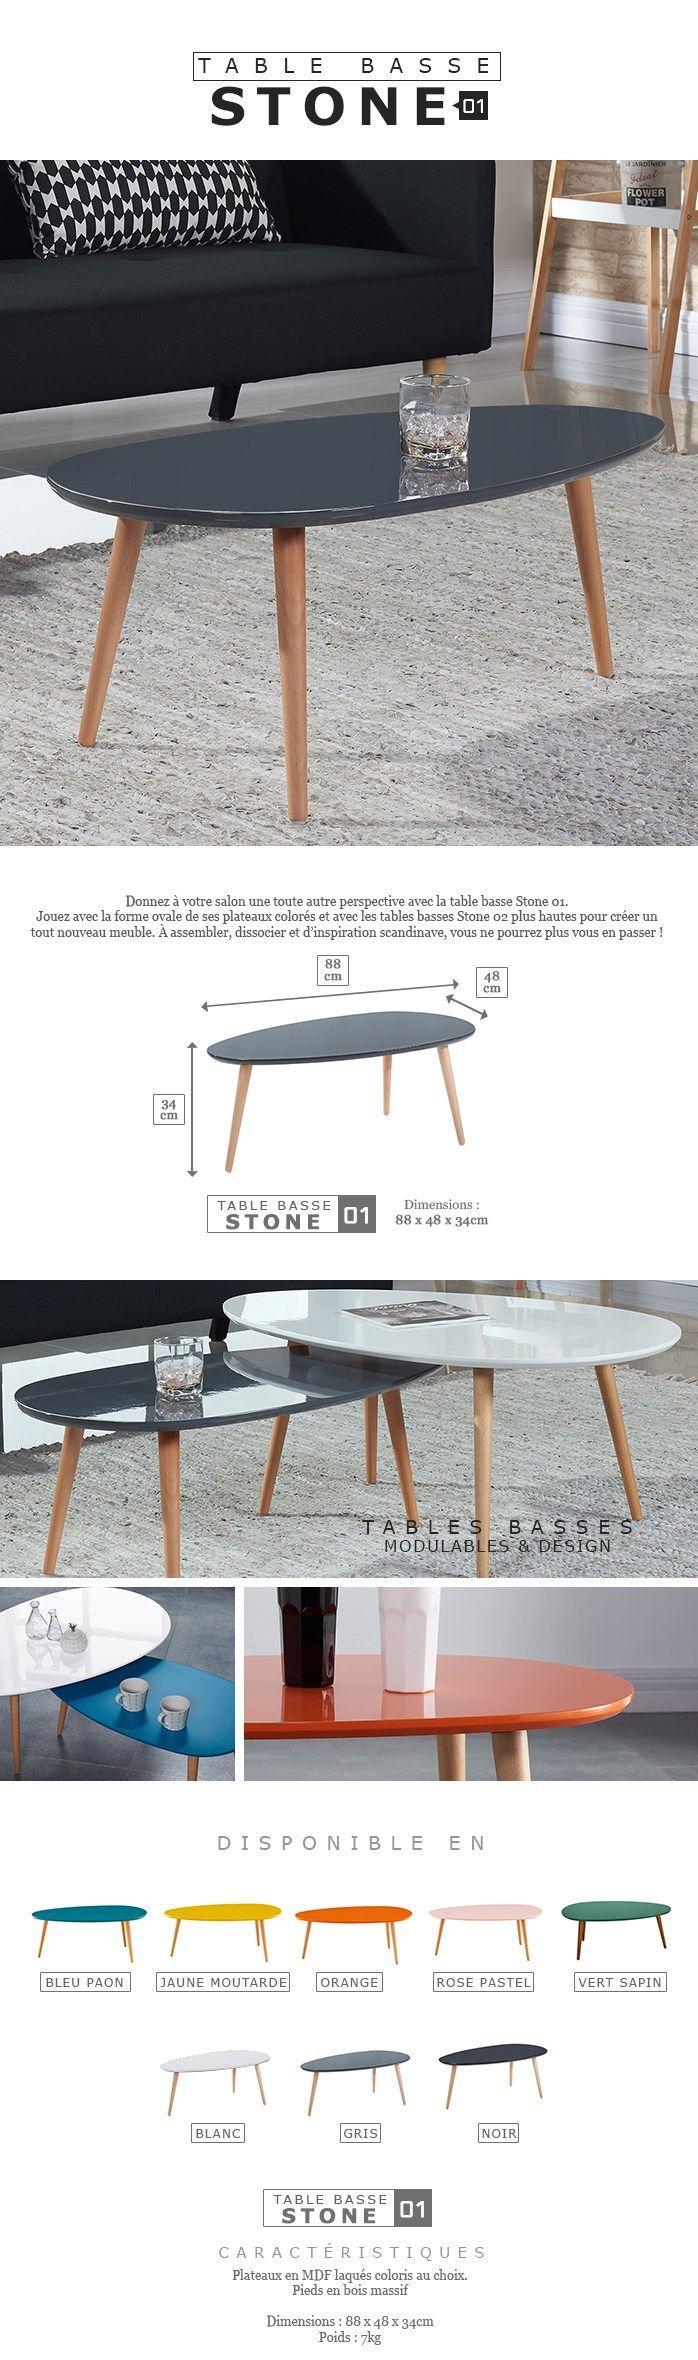 Stone Table Basse Ovale Scandinave Blanc Laque L 88 X L 48 Cm